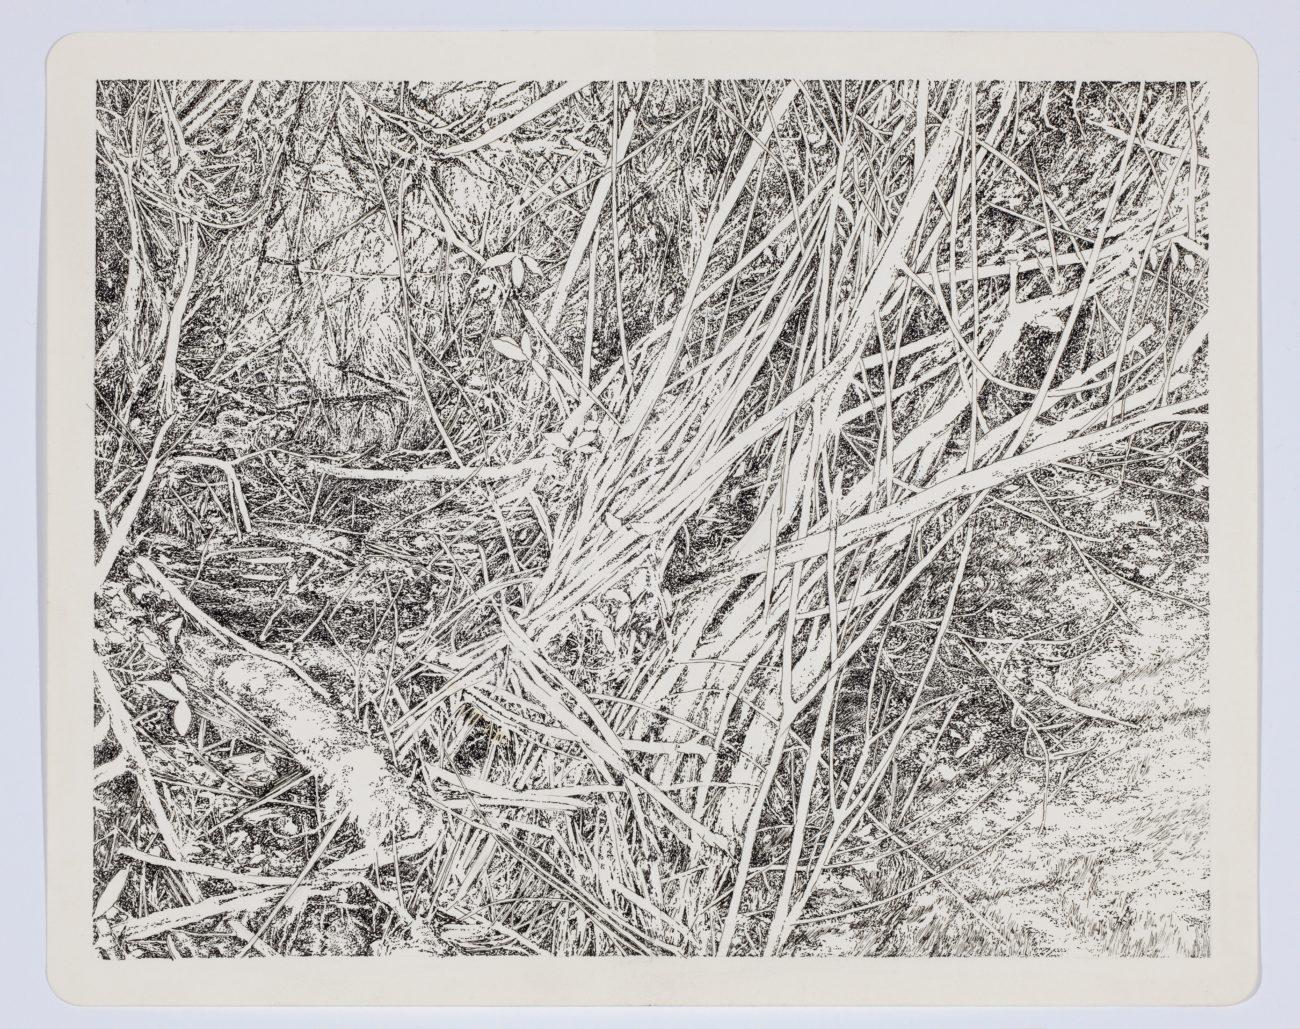 Ürwald, Wald, Kunst, Emmanuel Henninger, Art, Frankreich